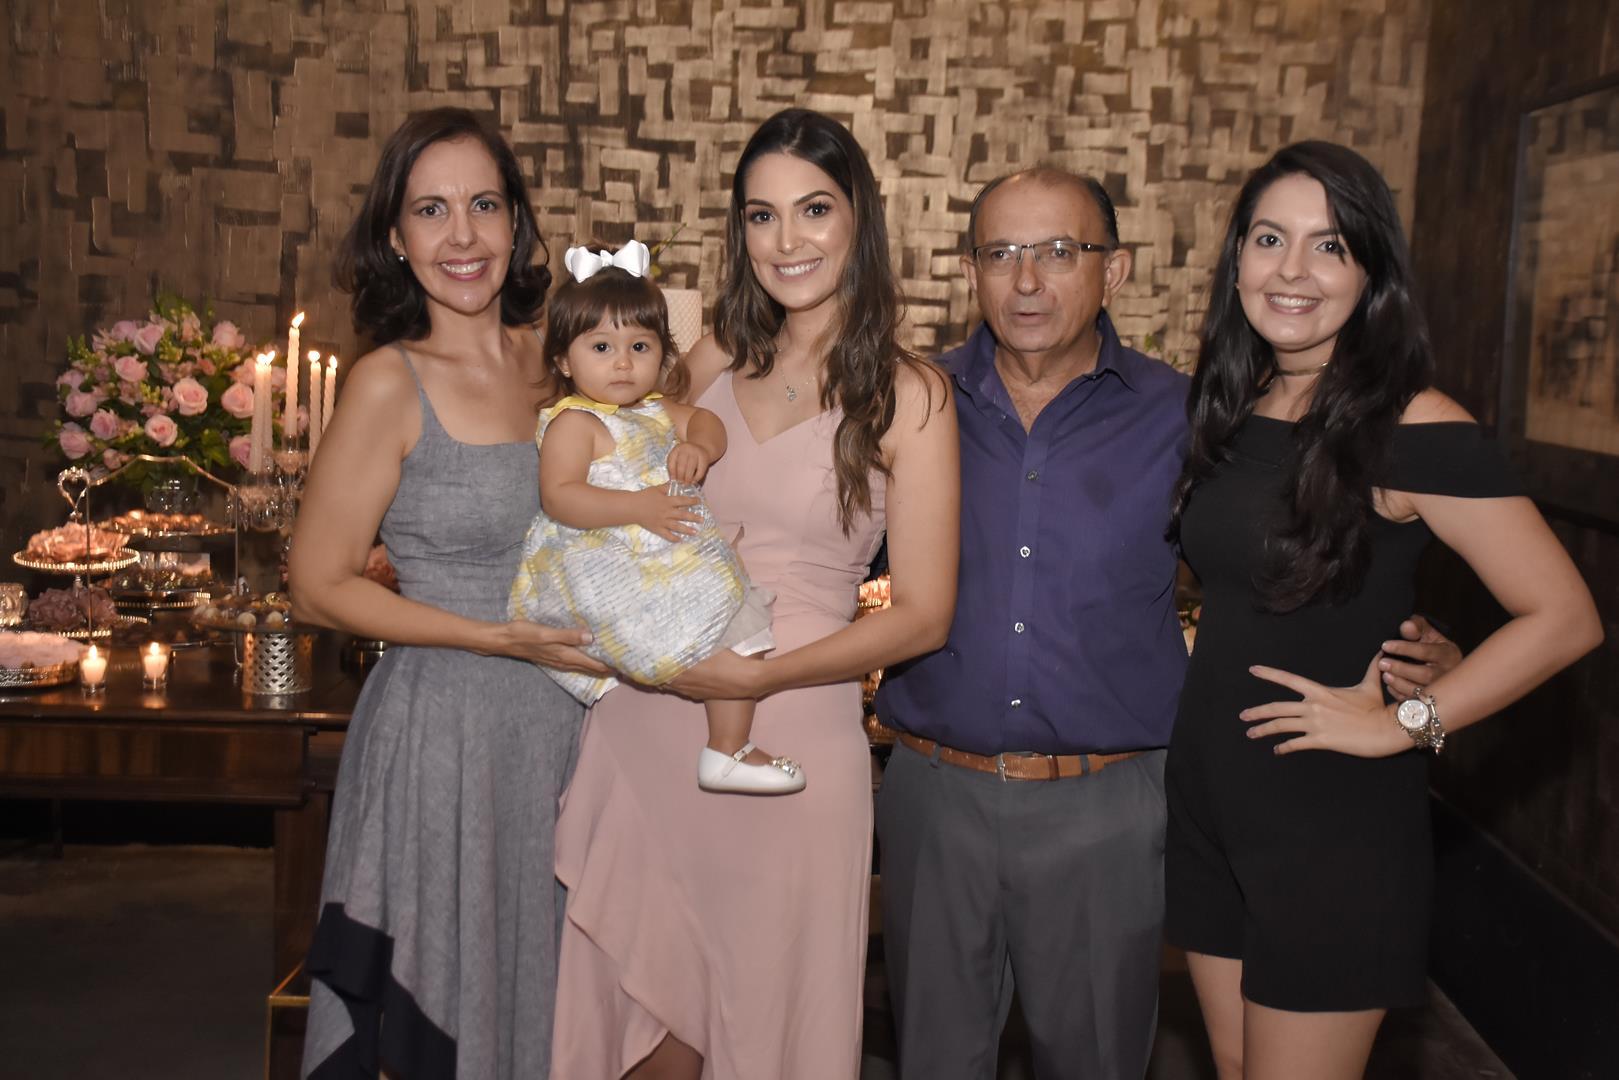 Regina Moreno, Catarina Moreno, Nata?lia Moreno